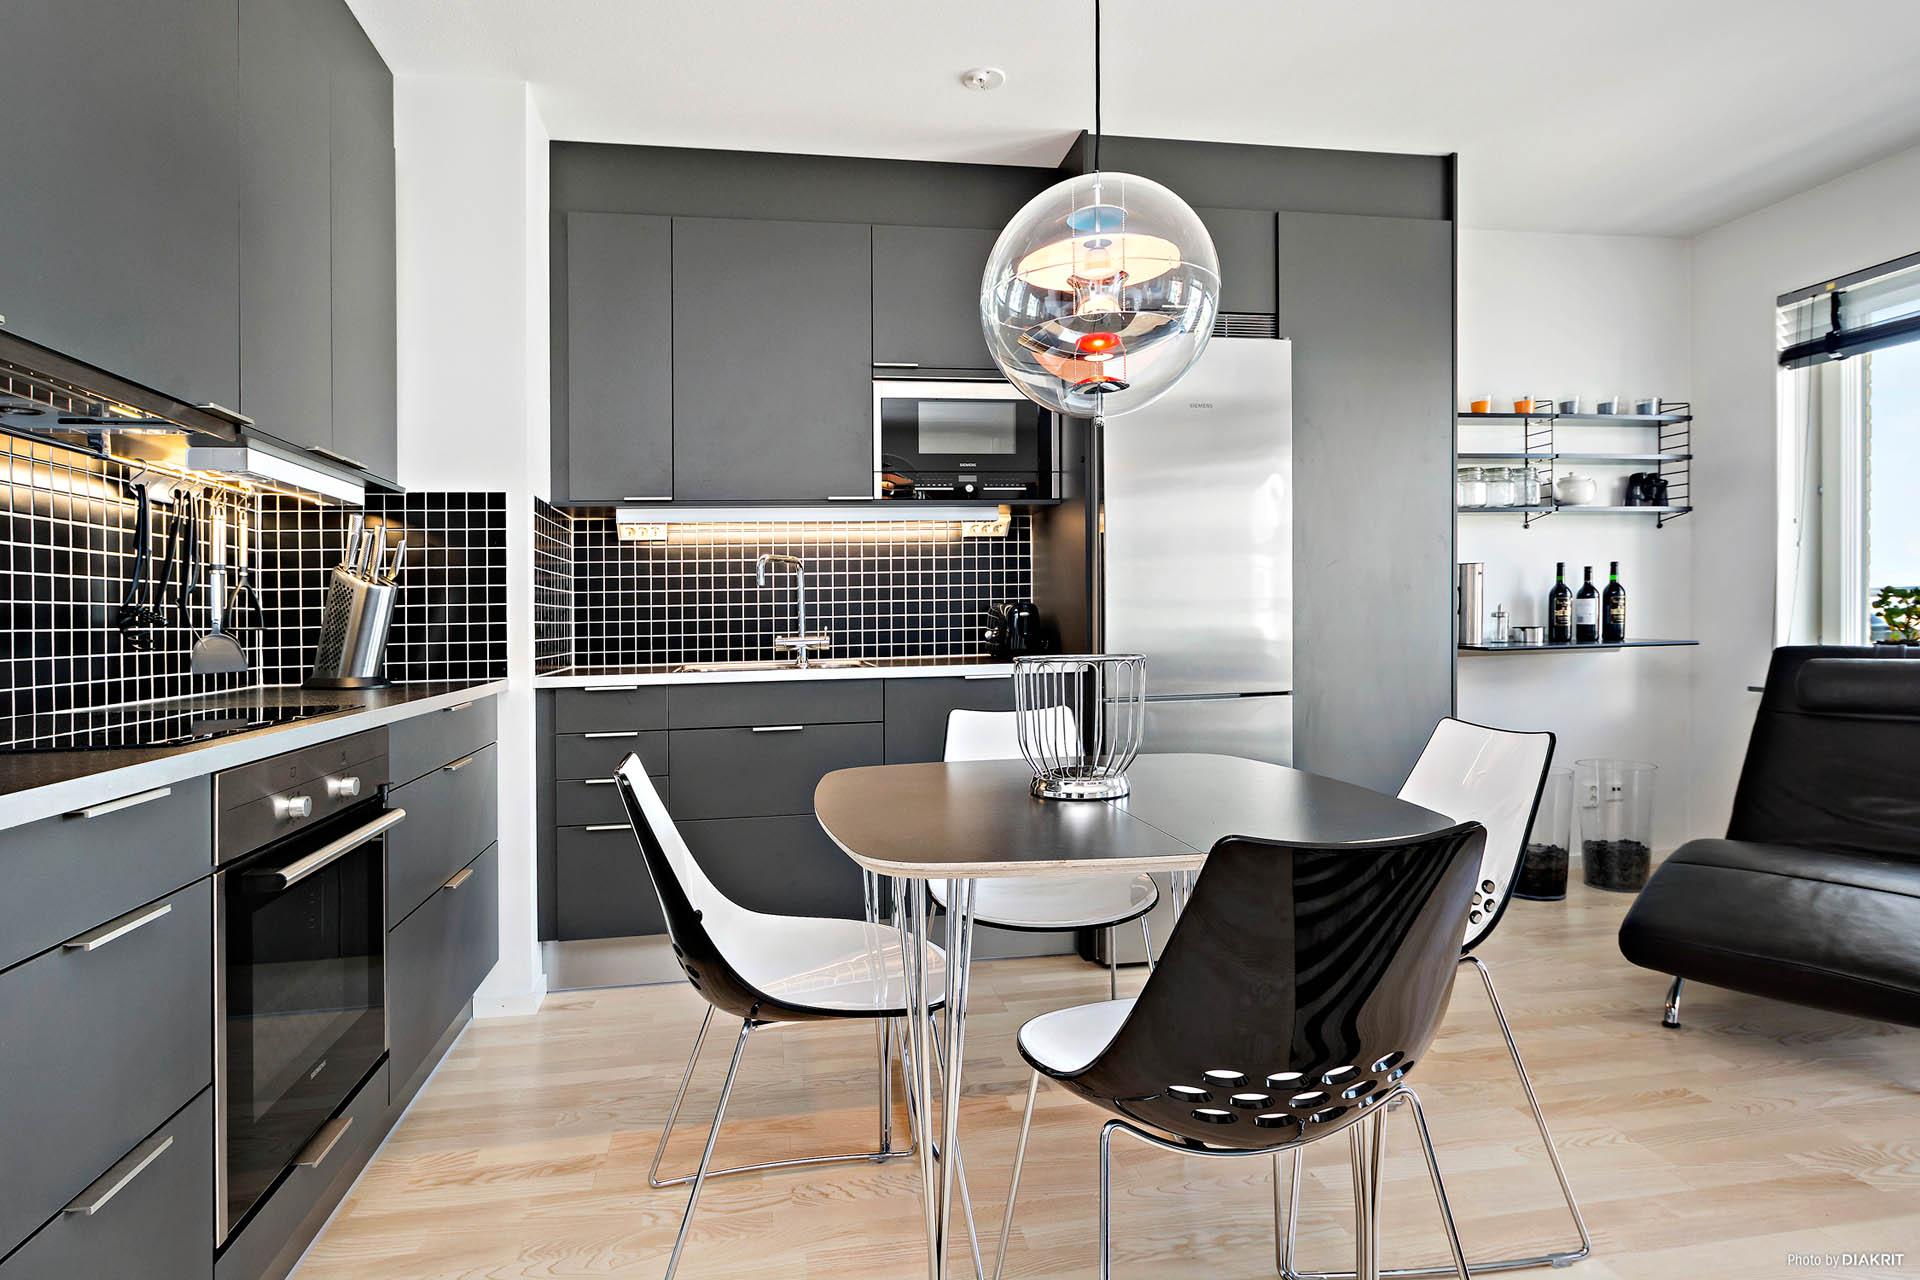 Fullt utrustat kök och hög standard